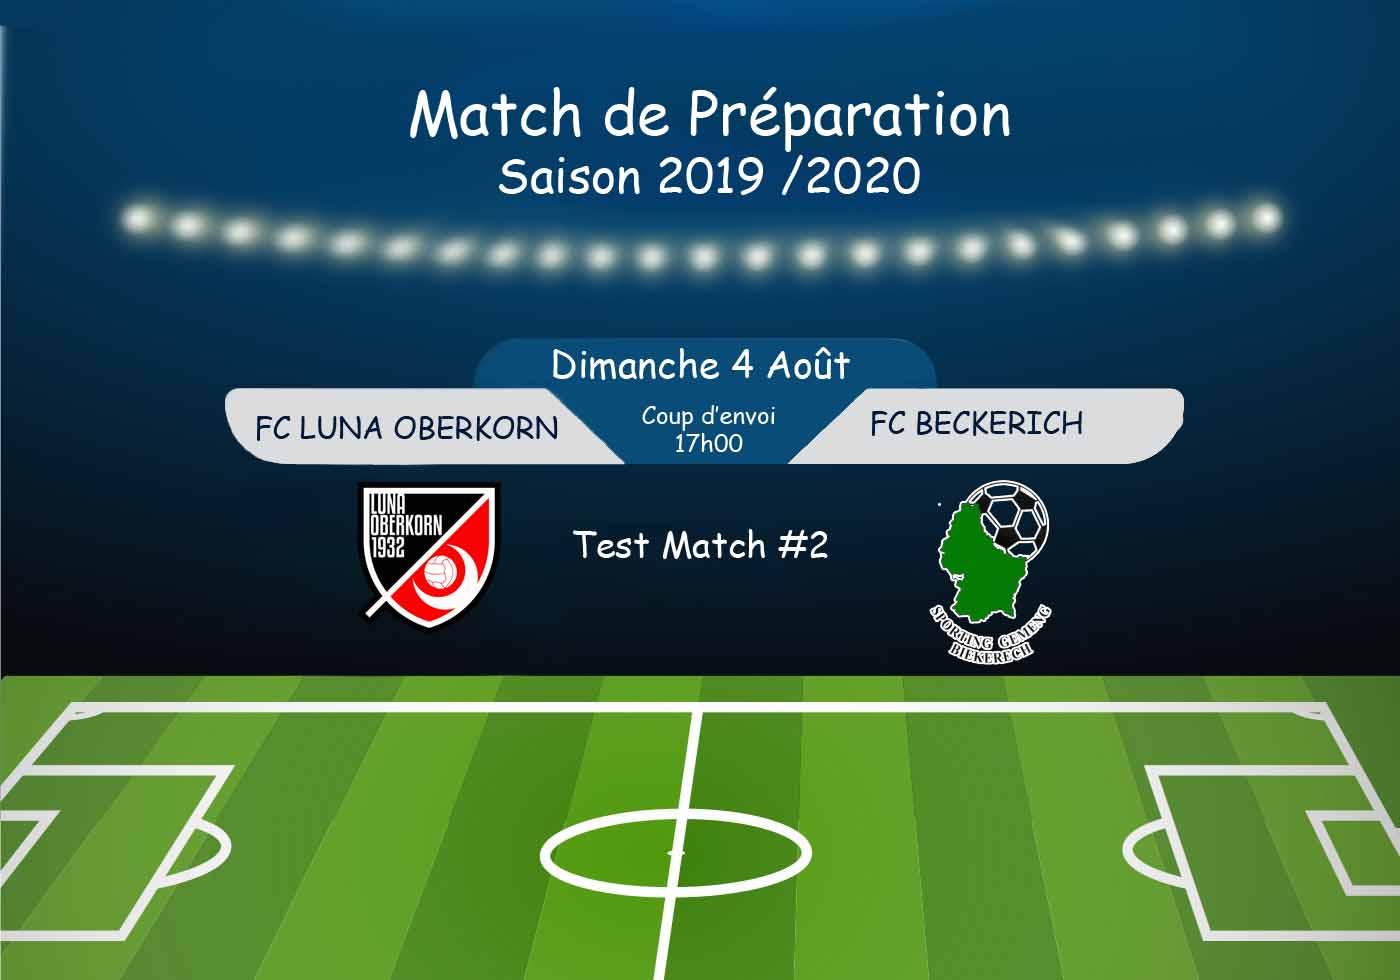 Match de Préparation - Saison 2019 / 2020